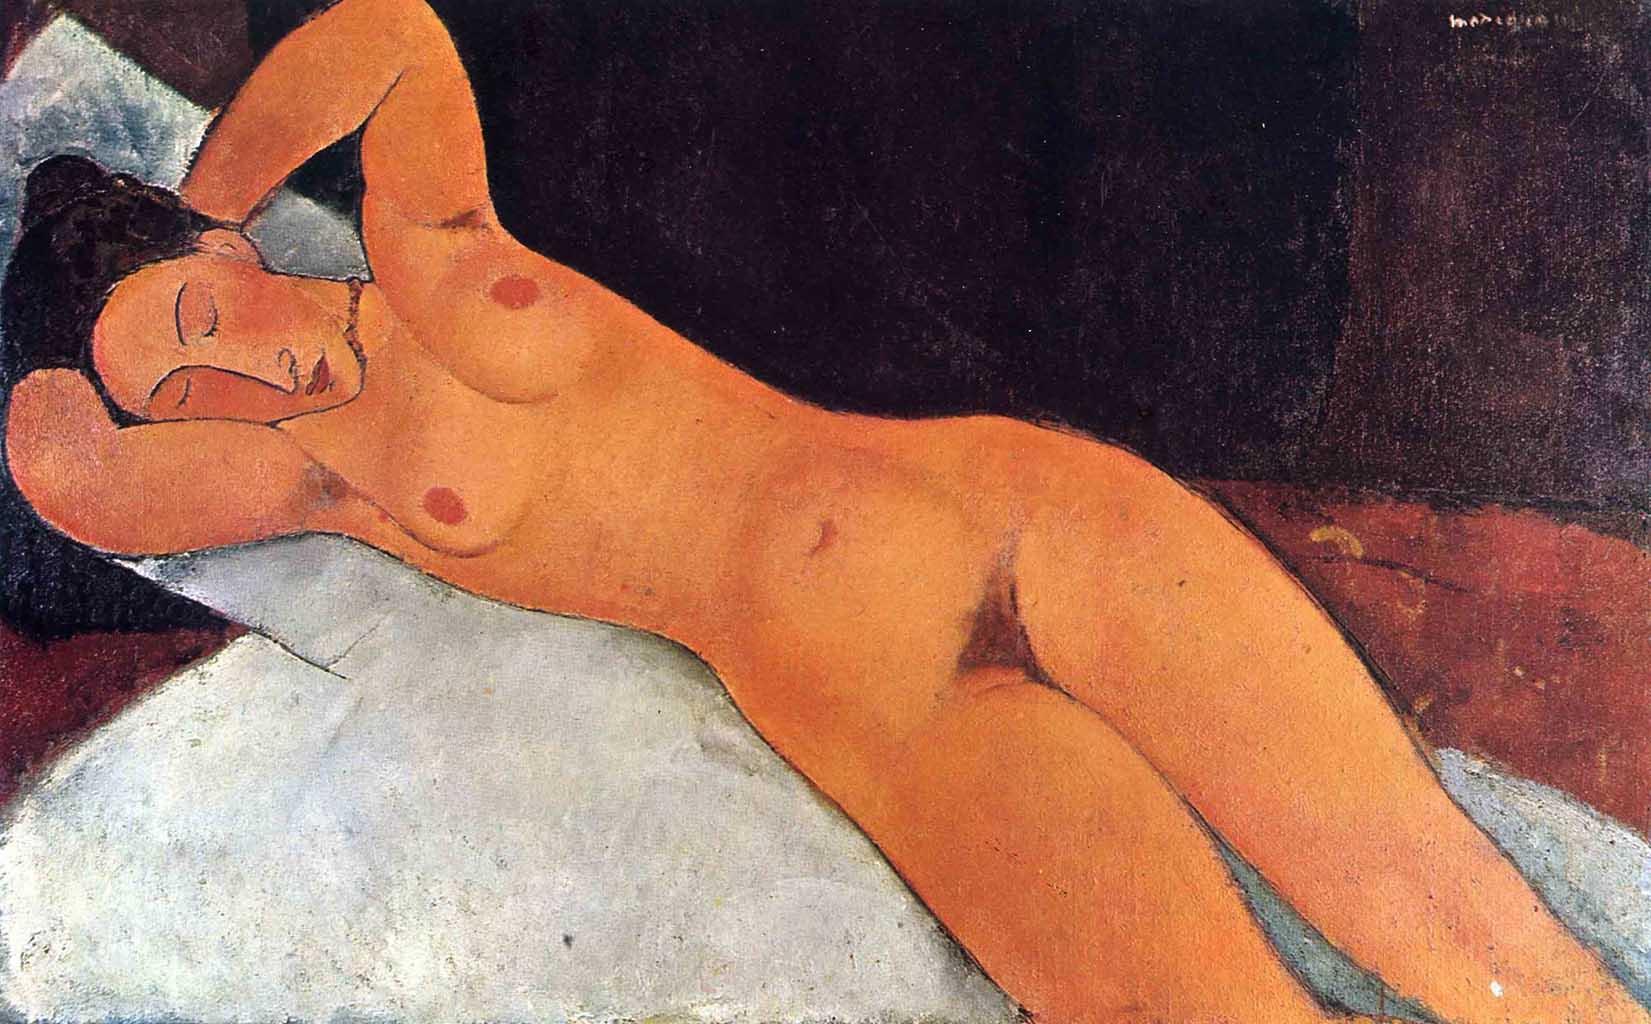 """Амедео Модильяни (Amedeo Modigliani), """"Nude"""""""